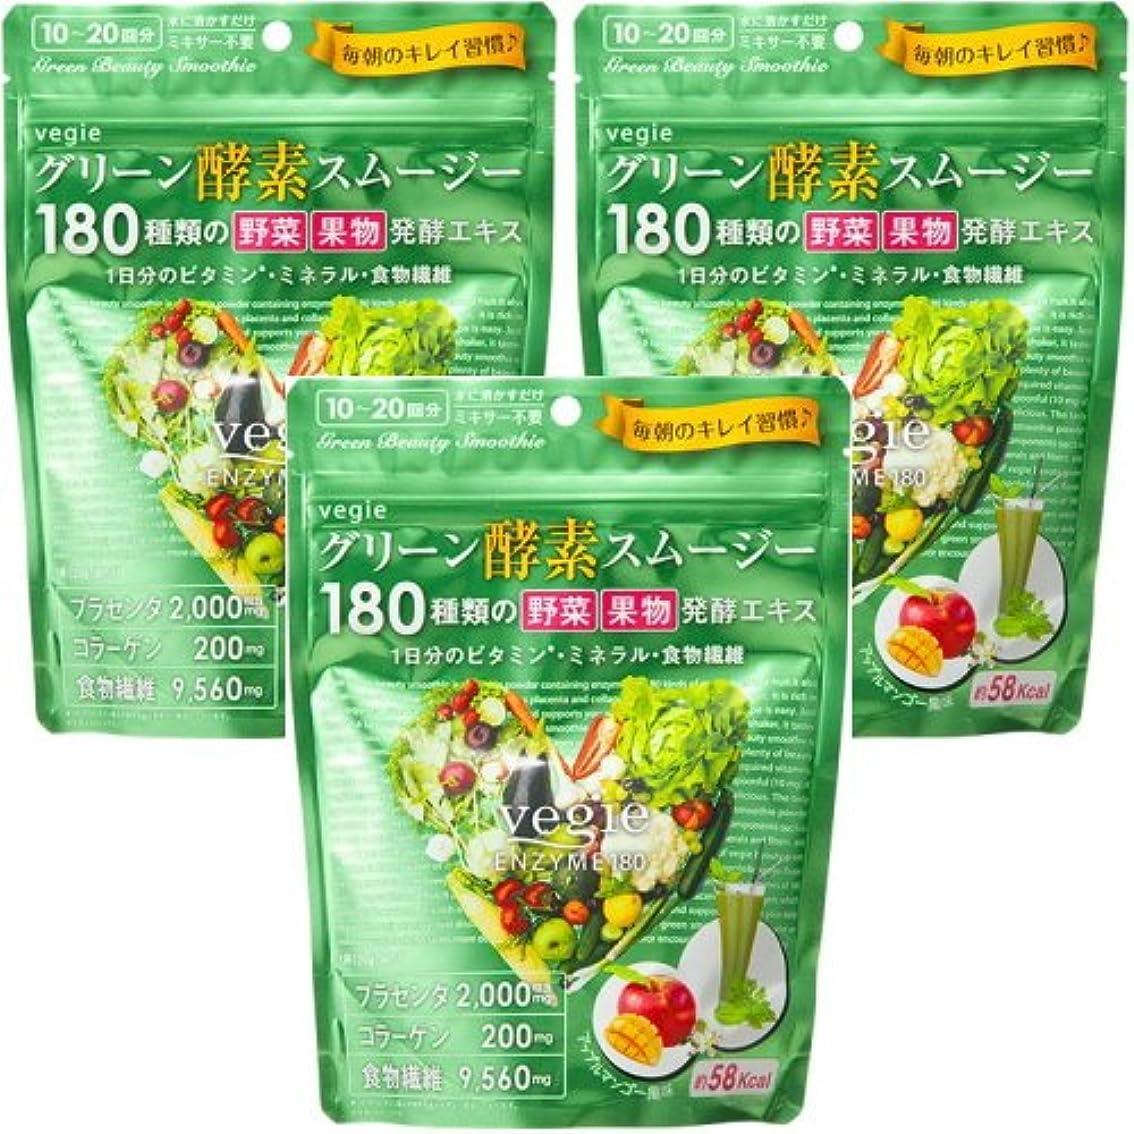 割るシソーラスモードベジエ グリーン 酵素スムージー 200g【お得な3個セット】